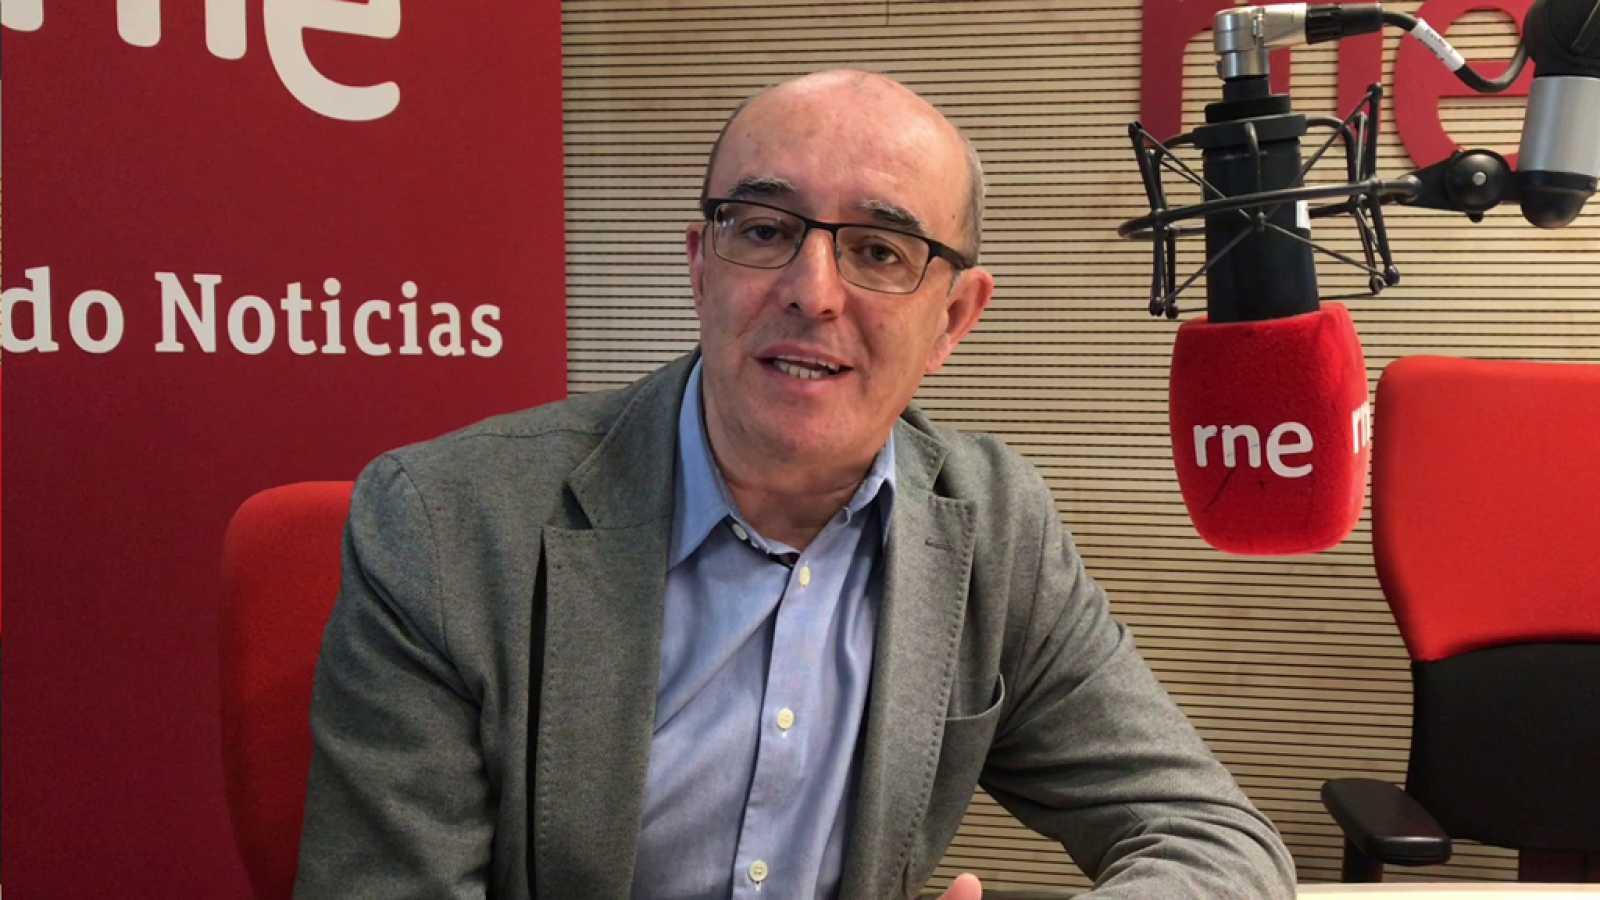 Radio 5 Actualidad - VÍDEO: ¿Fue o no fue penalti? Nuestro jefe de Deportes opina - Ver ahora